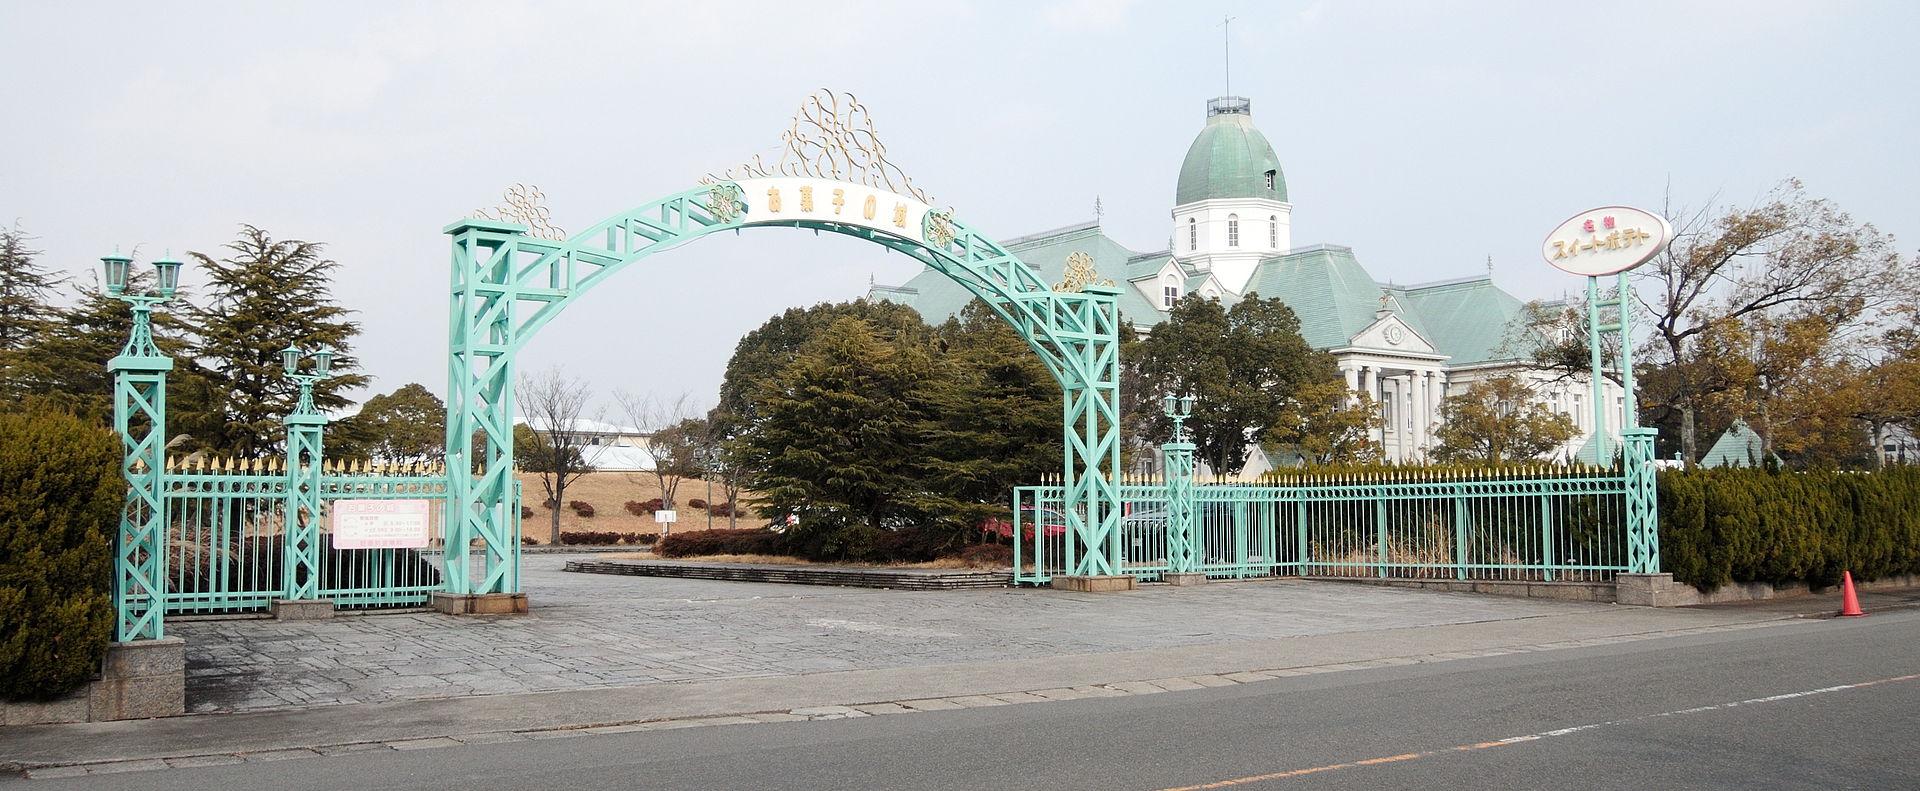 The Sweet Castle in Aichi.JPG